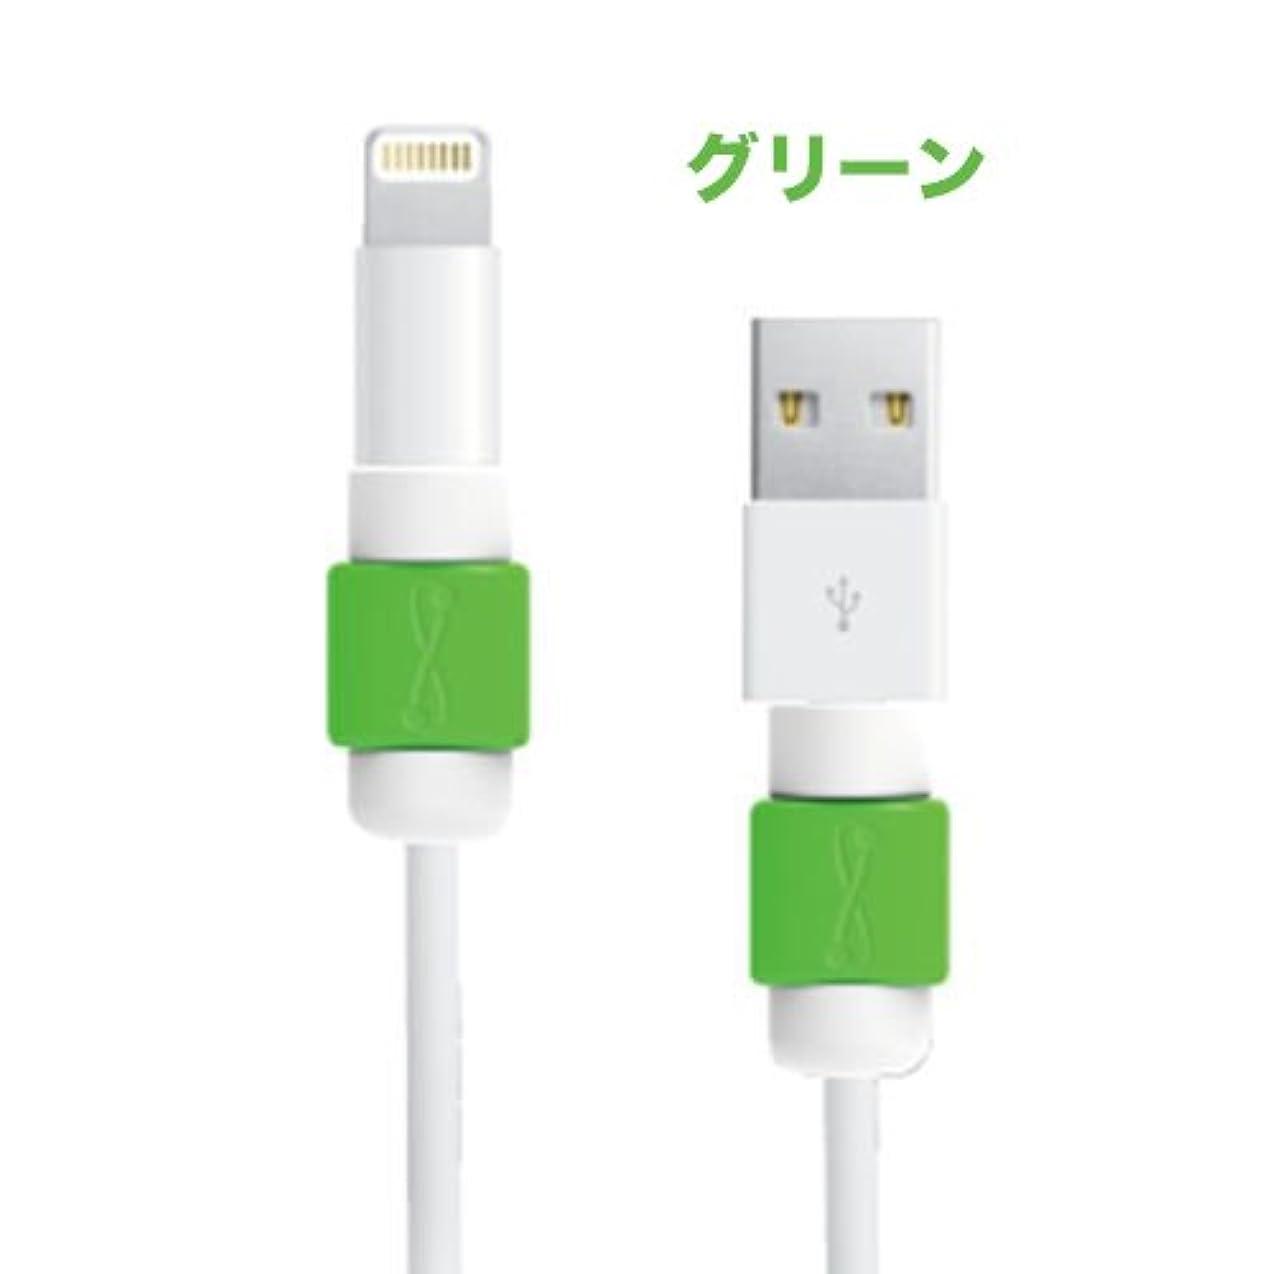 ダッシュびっくりぶどう台湾製 高品質 ライトニングセーバー Lightning saver (2個入) For iPhone 5.5s.6.6 Plus.6s.6s Plus / iPad 4.Air.Air2.Mini.Mini2.Pro / iPod touch 断線防止カバー 保護ケース プロテクター